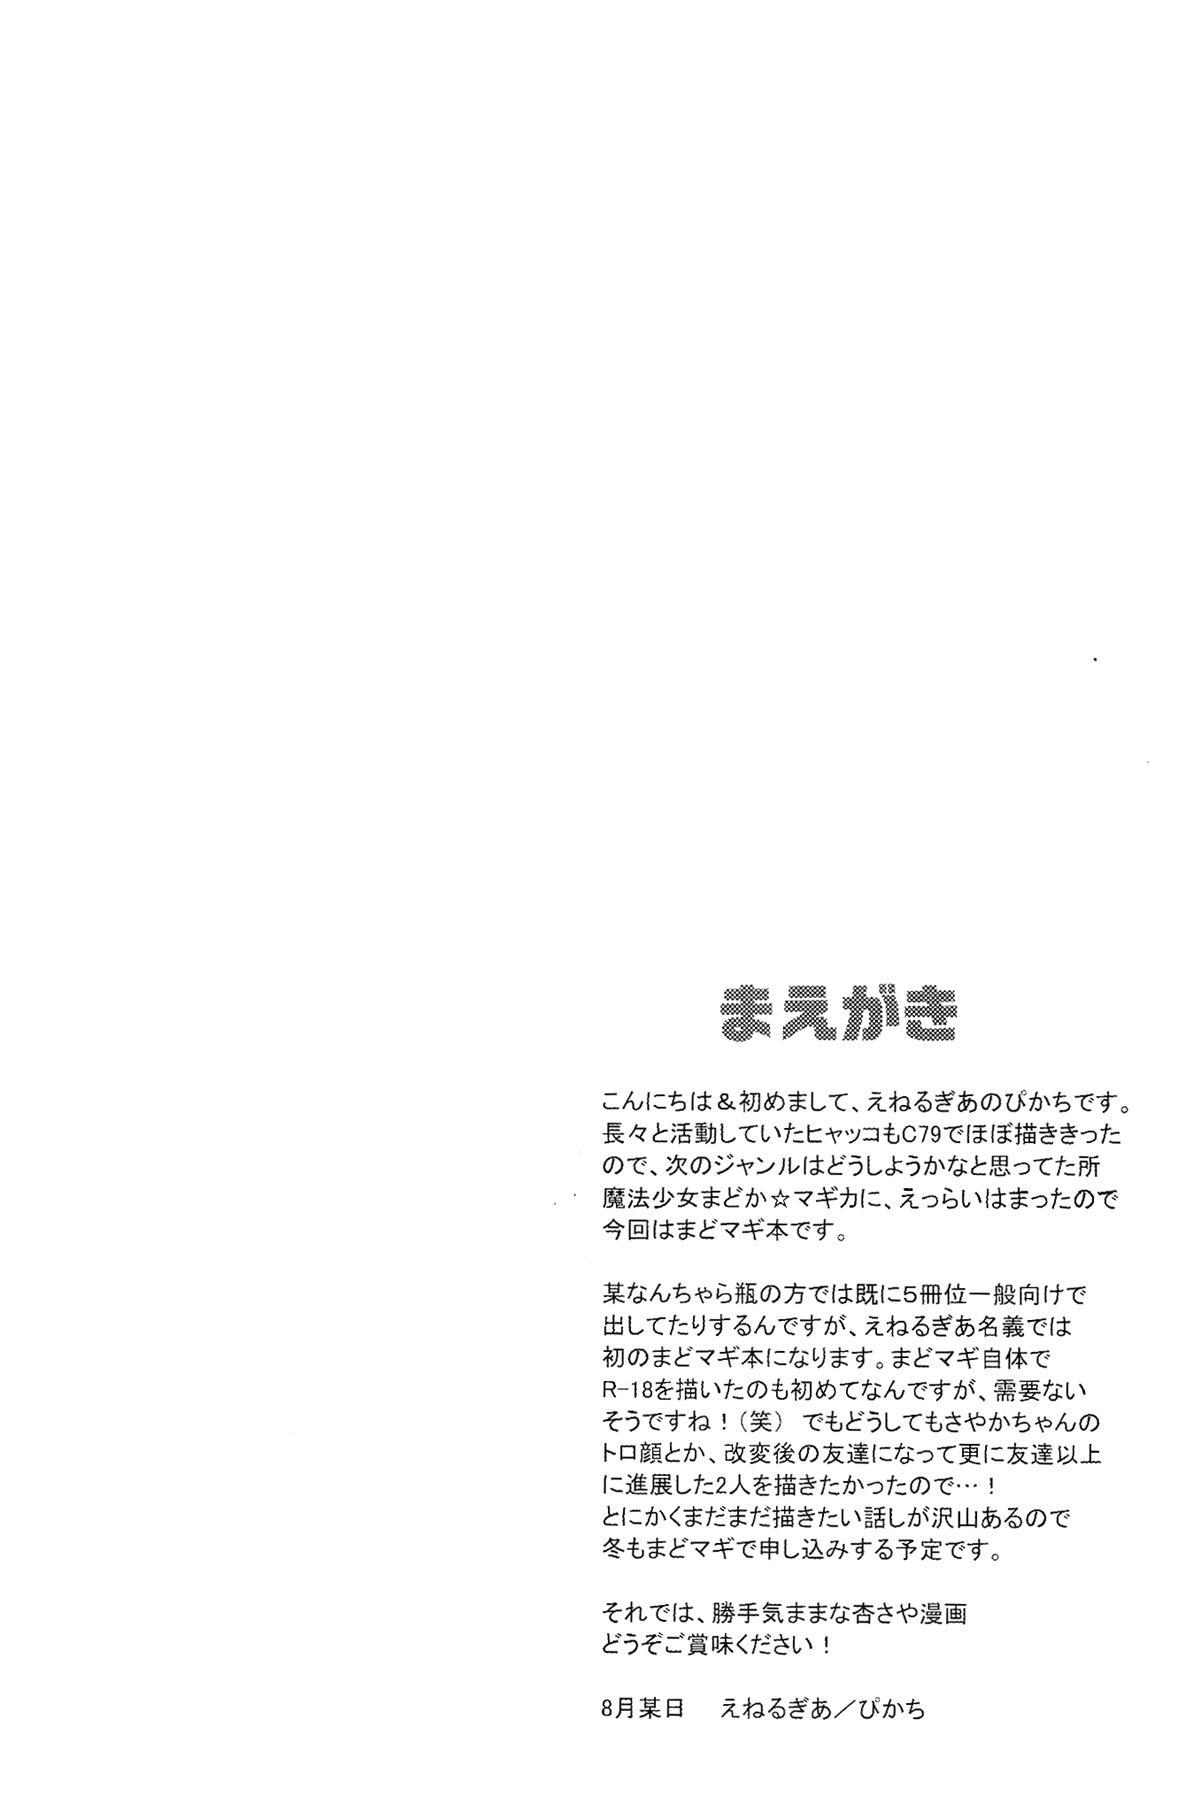 Atashitachi no Seizon Senryaku 4